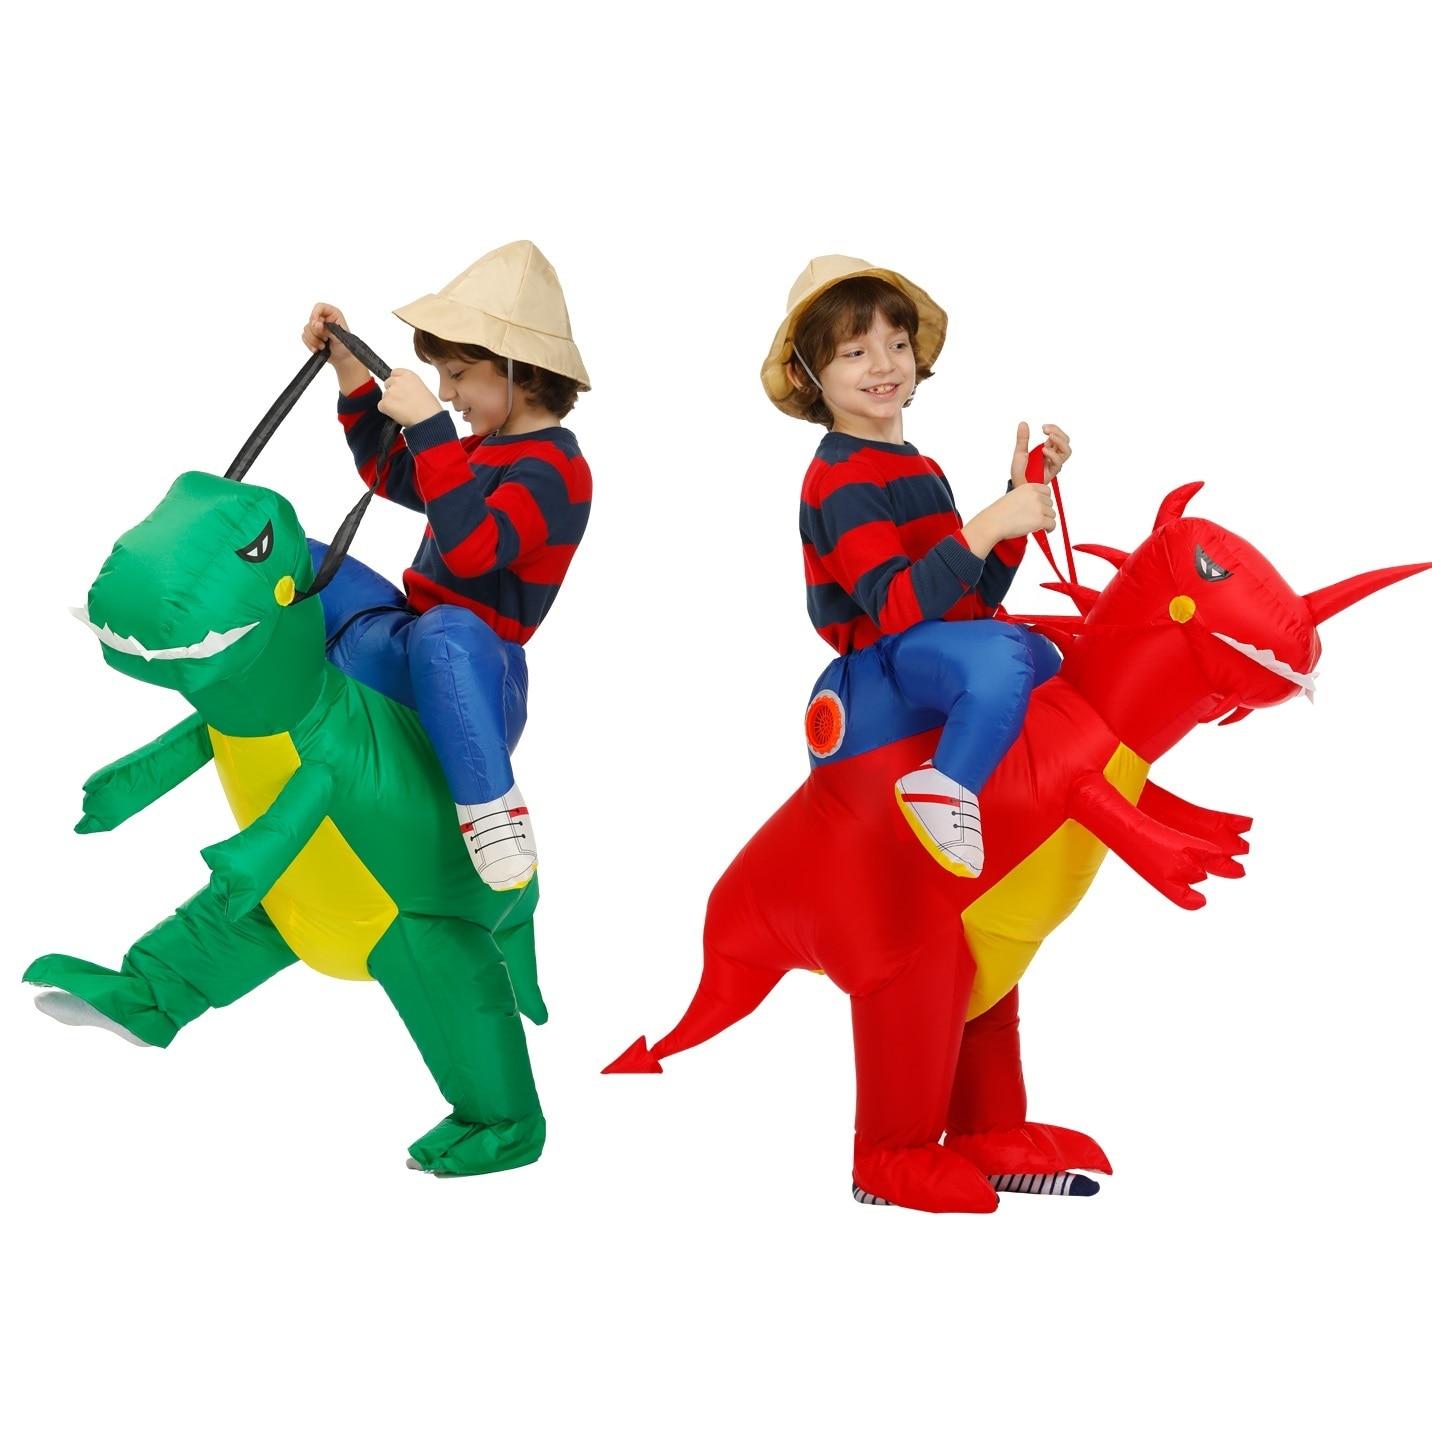 Bebé niños fiesta de Purim traje de Cosplay de animales traje de niño traje de Anime inflable traje de dinosaurio niños niñas disfraces 60-160cm